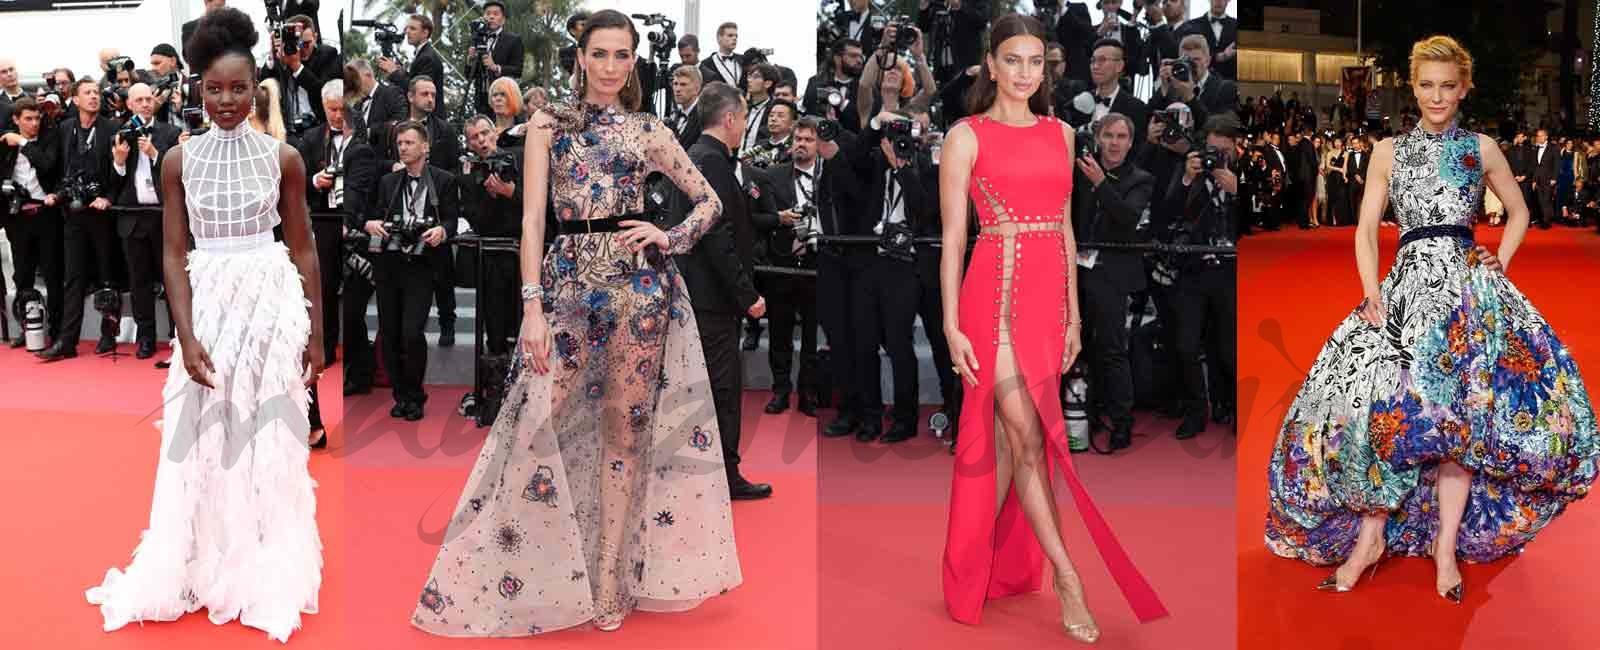 Cannes 2018: Una alfombra roja con mucho glamour